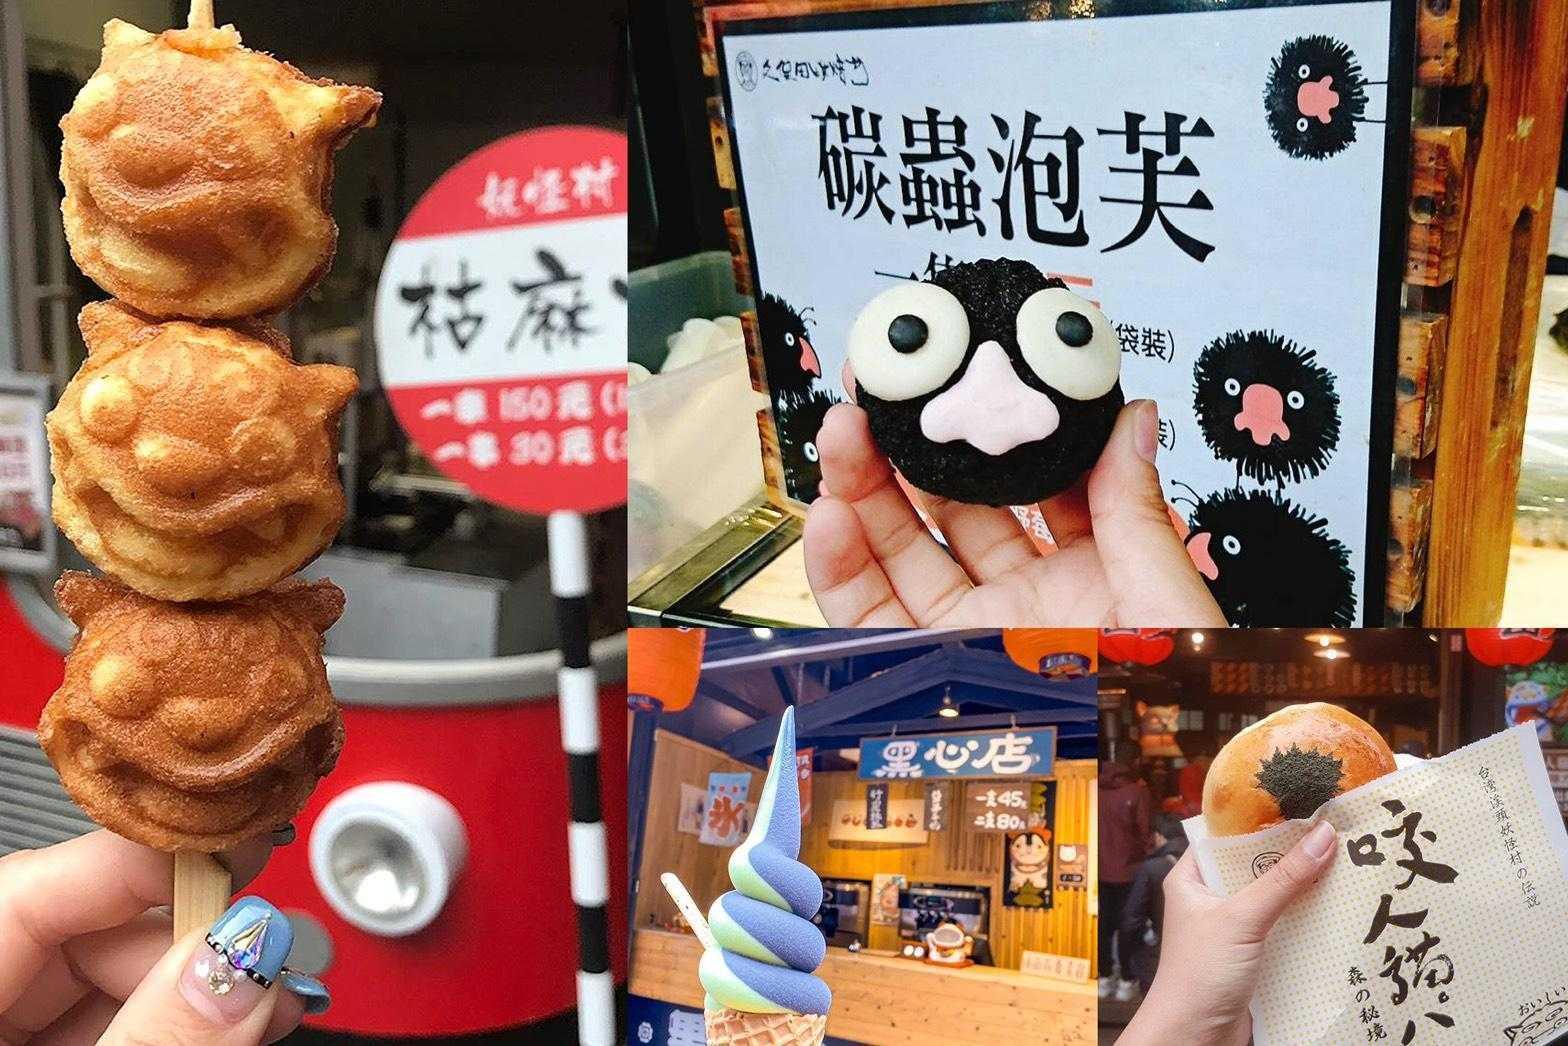 溪頭妖怪村美食|妖怪村松林町必吃美食《咬人貓麵包、半熟乳酪蛋糕、地獄拉麵、蝴蝶雞》